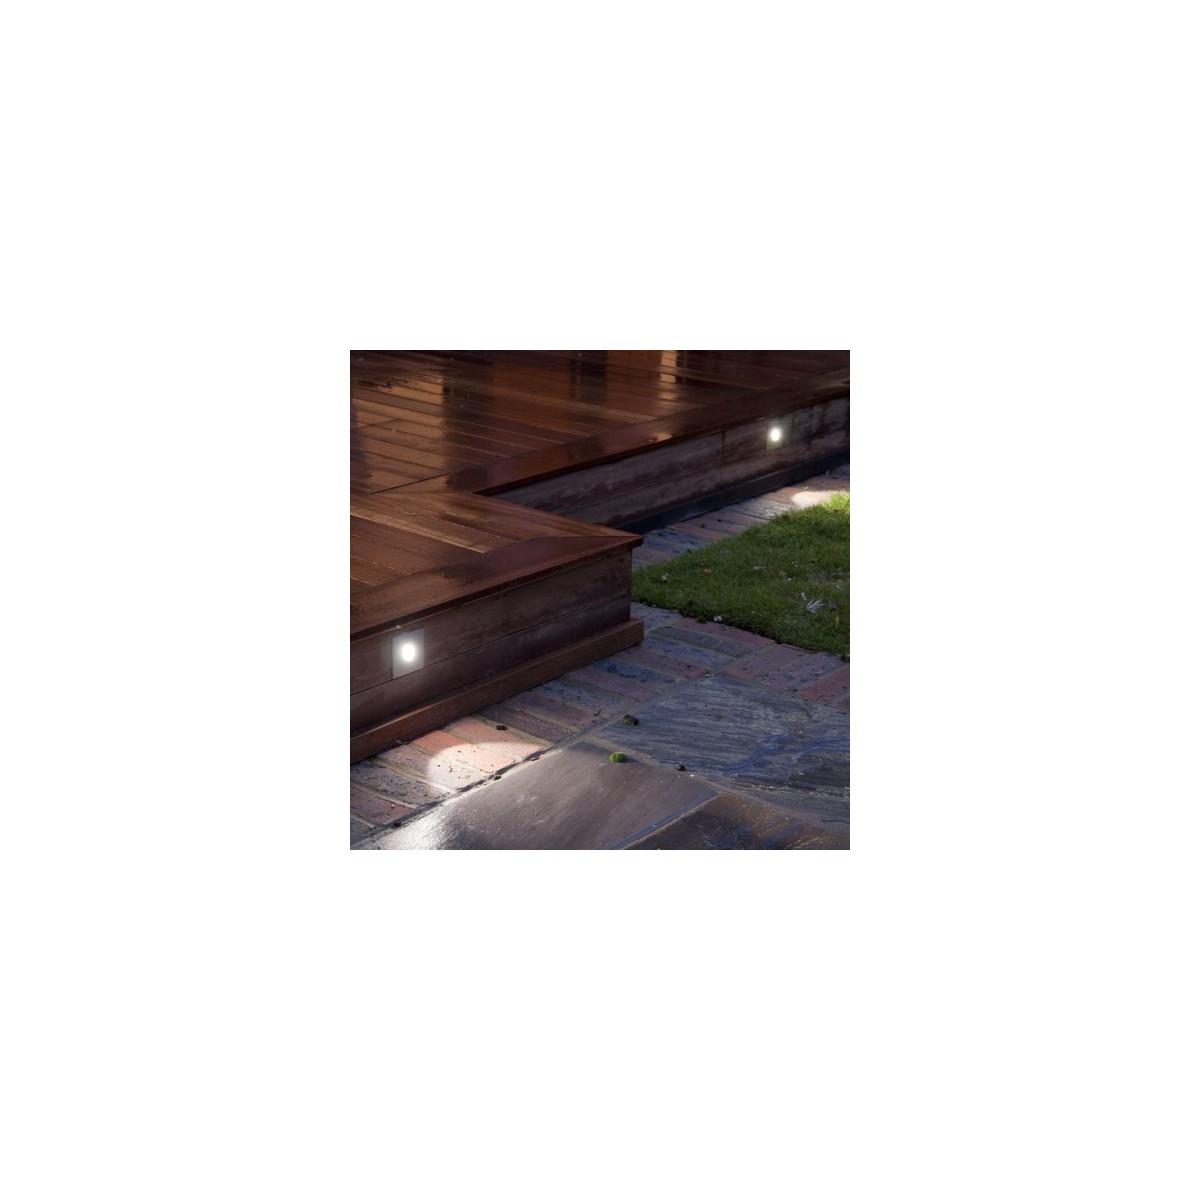 Astro Tango LED 3000K Schodowa 1x1W LED Polerowana Stal Nierdzewna IP65 1175005